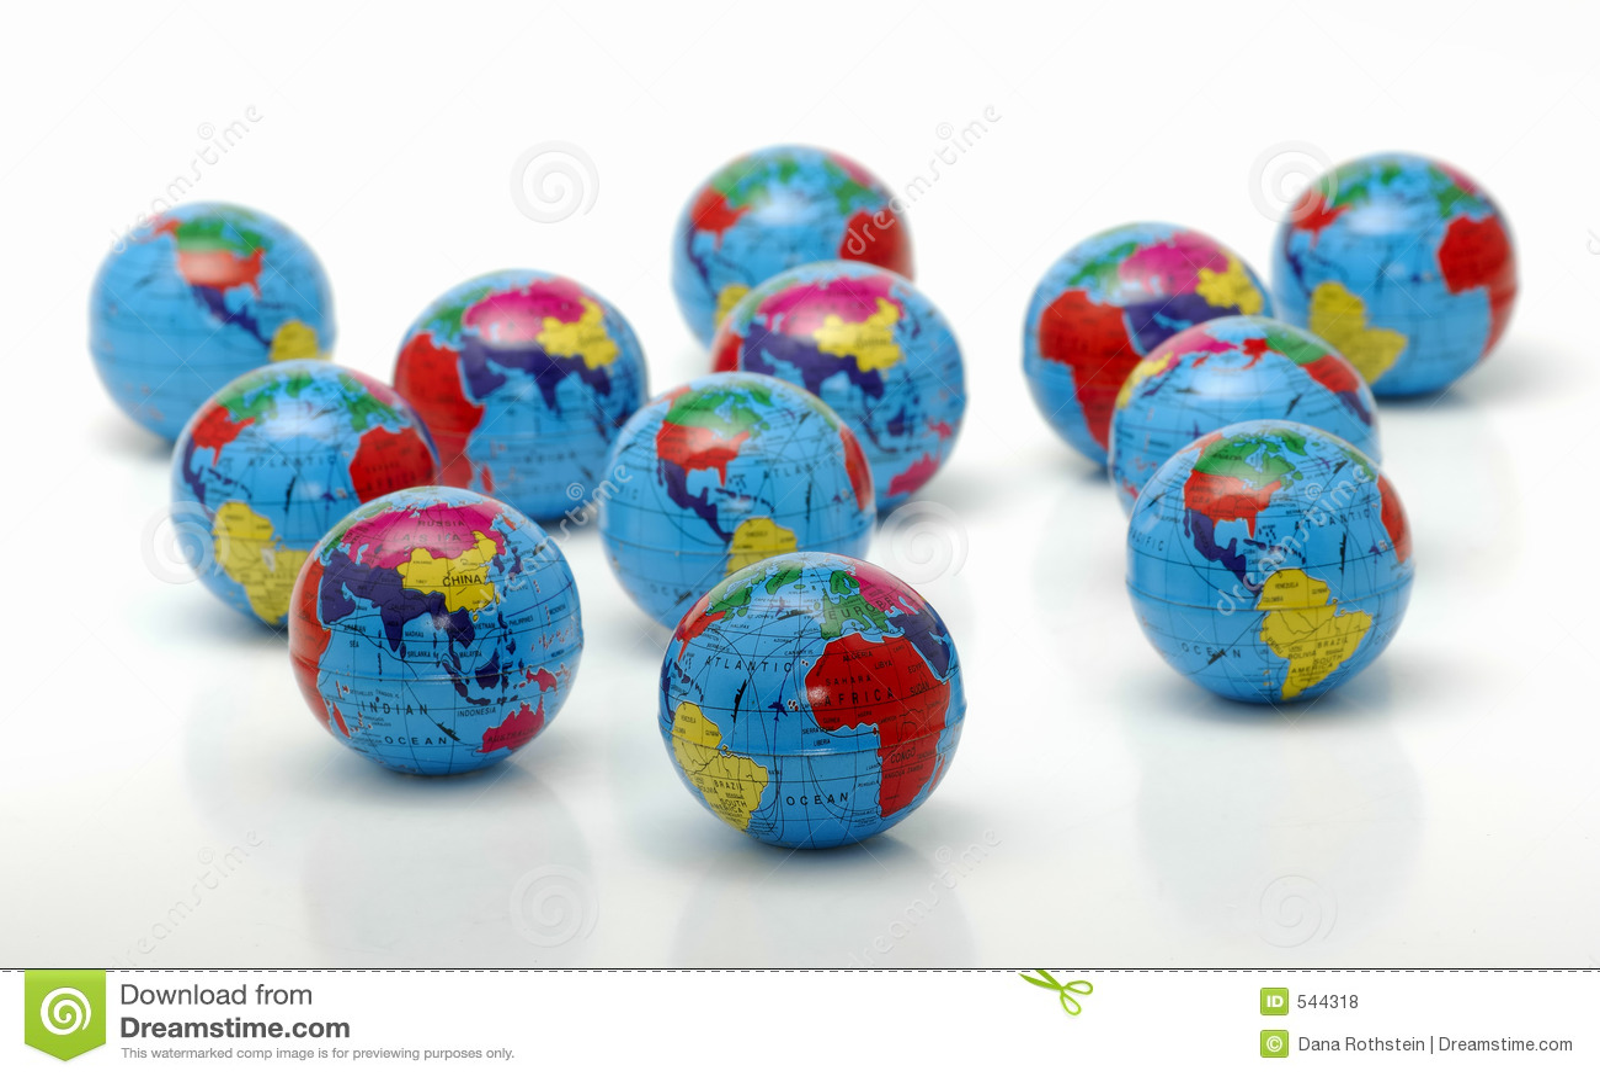 Download 地球 库存照片. 图片 包括有 世界, 旅行, 大理石, 地球, 来回, 海洋, 国家(地区), 概念, 全球 - 544318